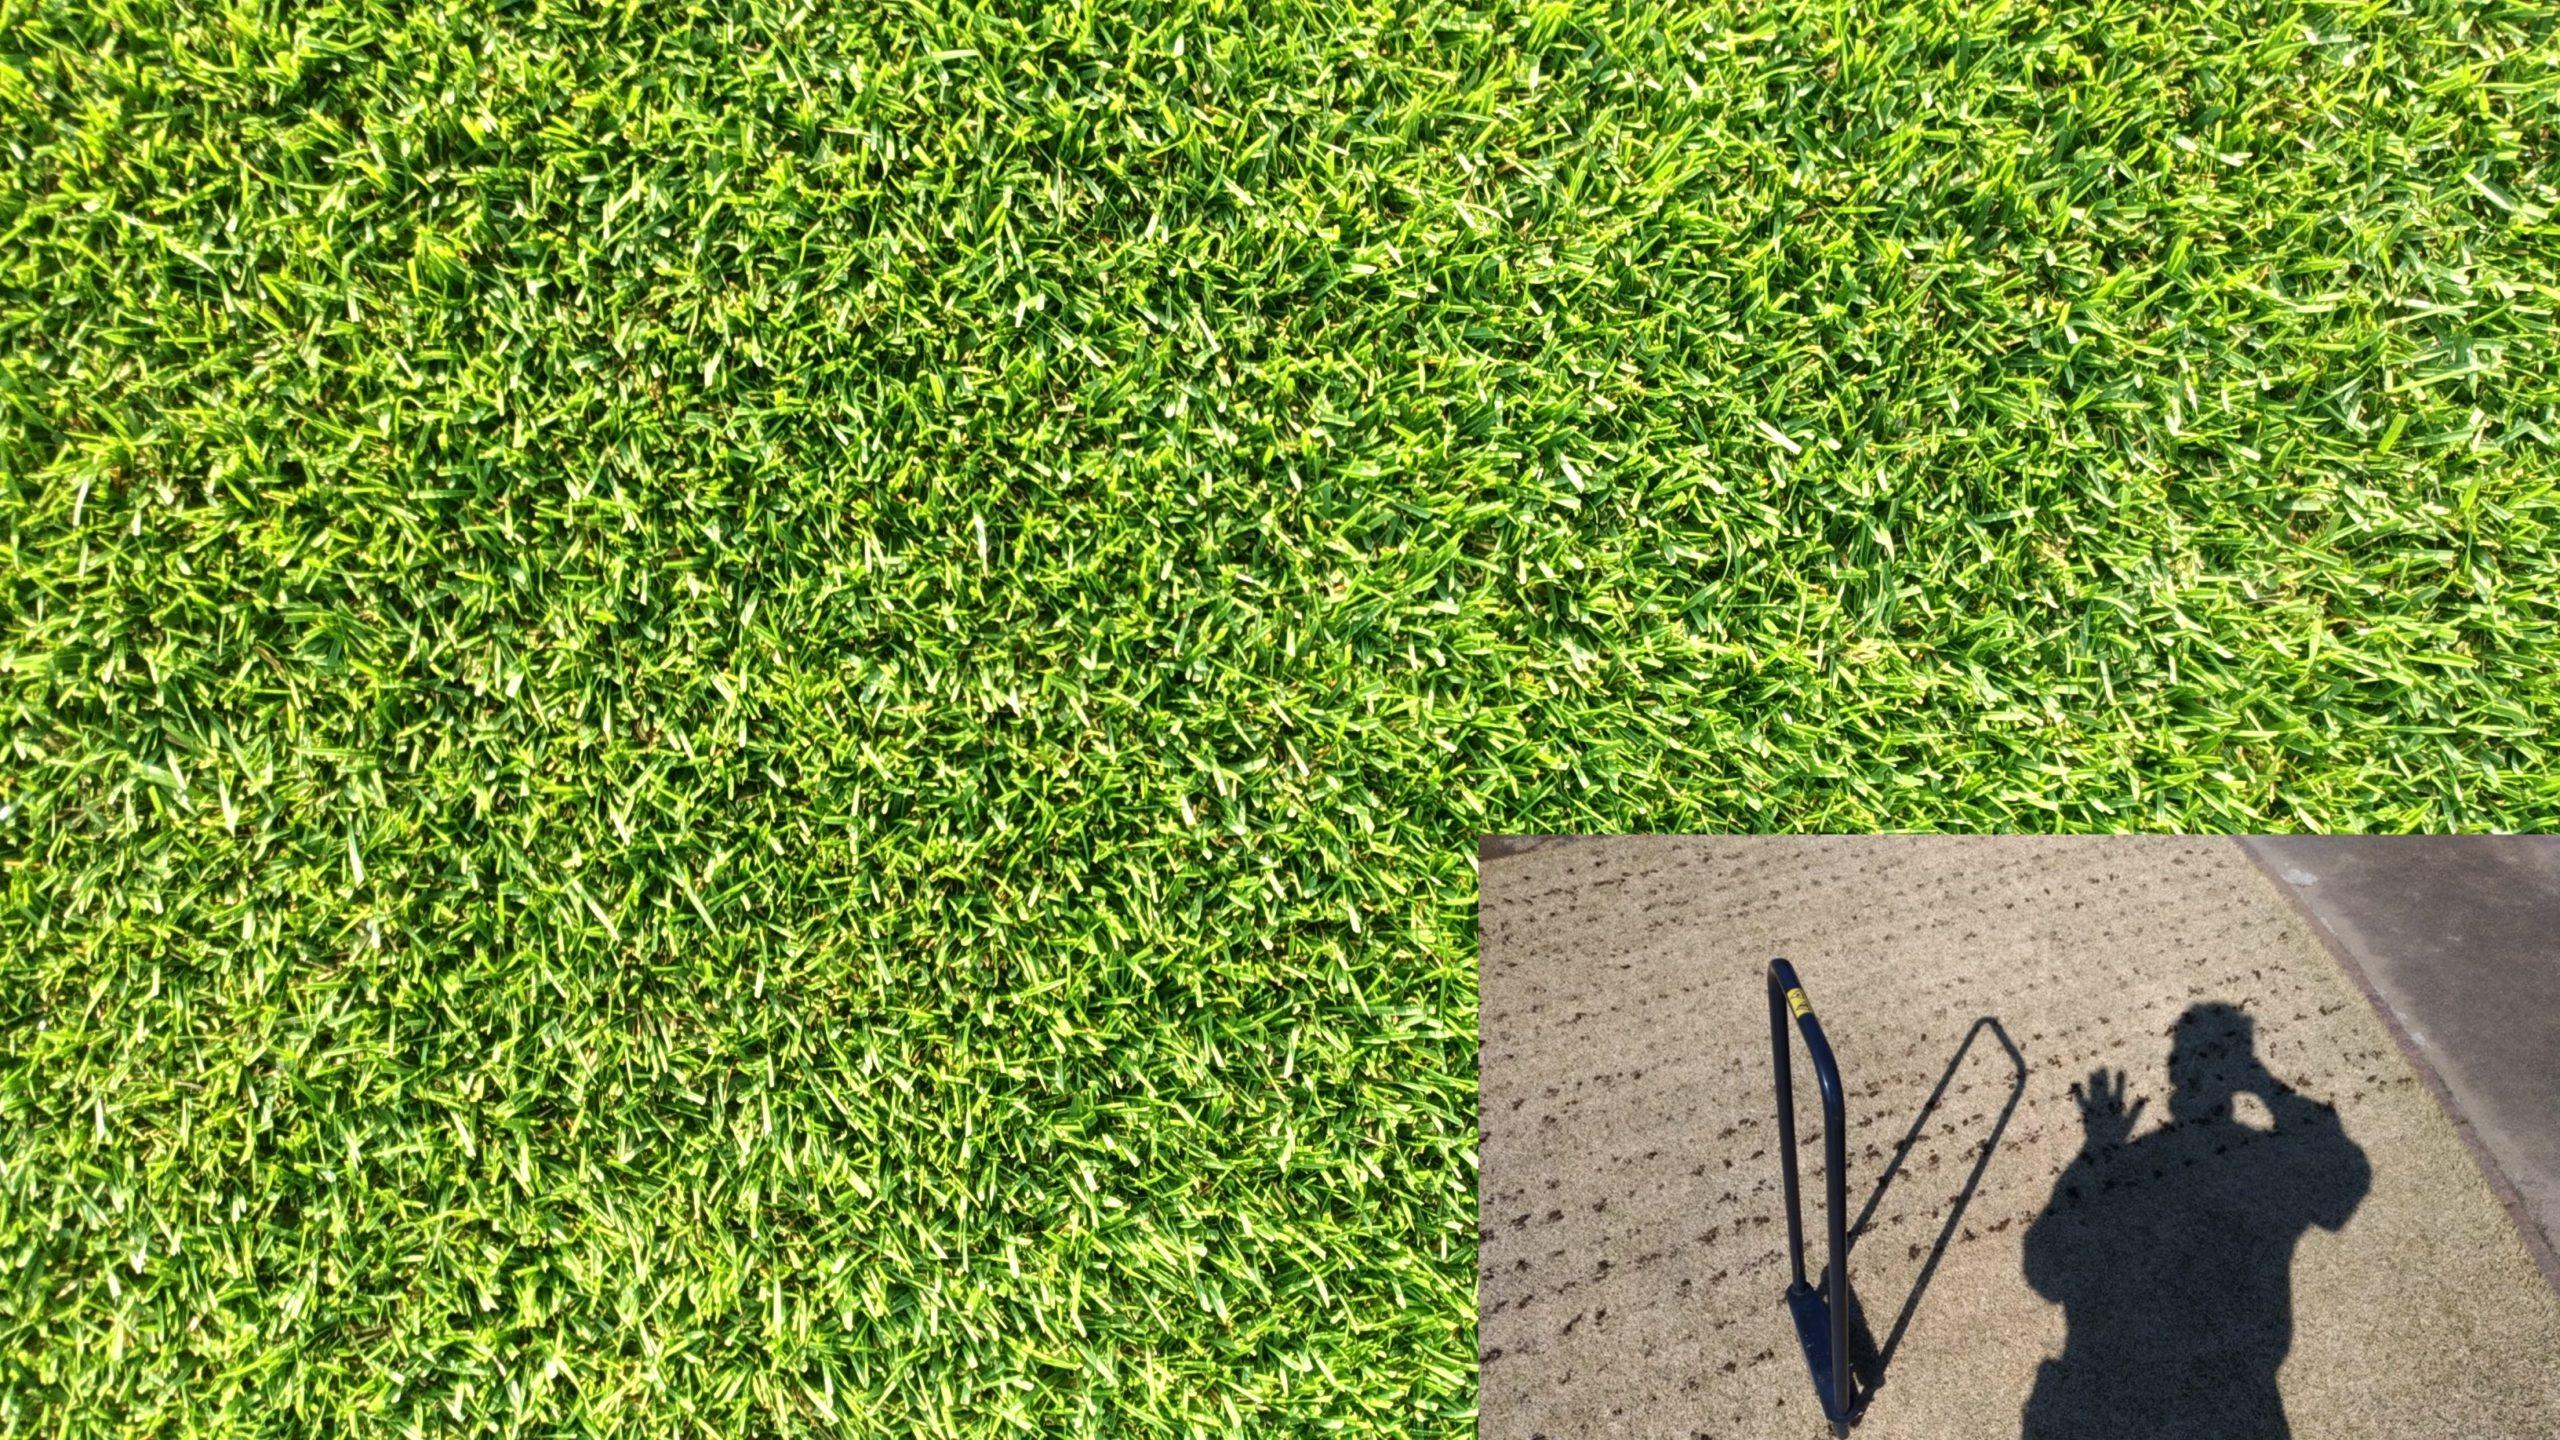 スタート時期が大切!芝生の更新作業で芽吹きを早めよう😃✨